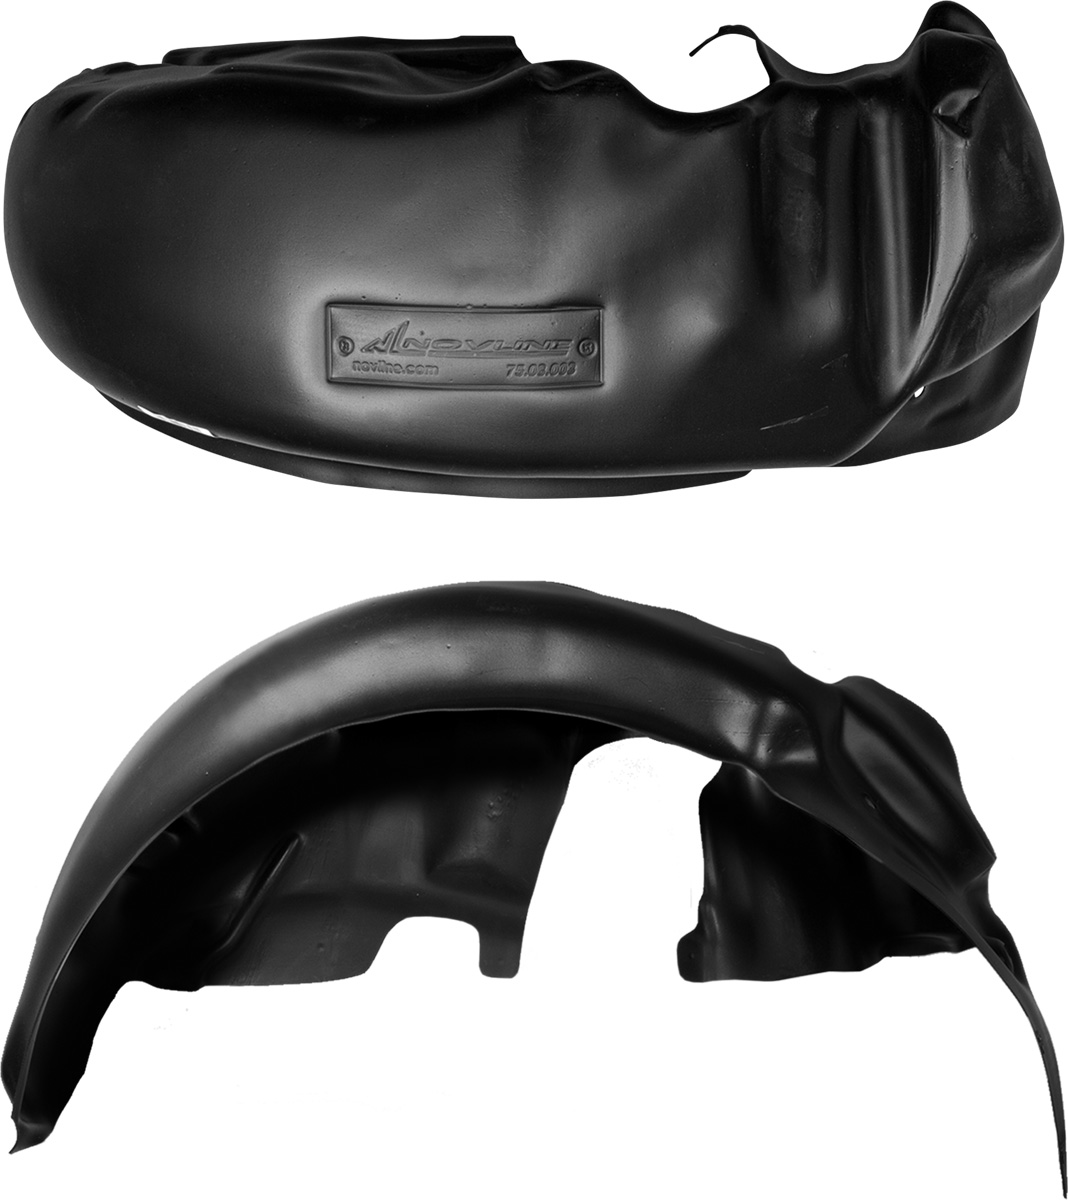 Подкрылок Novline-Autofamily, для Daewoo Nexia 1995-2007, 2007 -> (задний правый)SATURN CANCARDПодкрылок выполнен из высококачественного, экологически чистого пластика. Обеспечивает надежную защиту кузова автомобиля от пескоструйного эффекта и негативного влияния, агрессивных антигололедных реагентов. Пластик обладает более низкой теплопроводностью, чем металл, поэтому в зимний период эксплуатации использование пластиковых подкрылков позволяет лучше защитить колесные ниши от налипания снега и образования наледи. Оригинальность конструкции подчеркивает элегантность автомобиля, бережно защищает нанесенное на днище кузова антикоррозийное покрытие и позволяет осуществить крепление подкрылка внутри колесной арки практически без дополнительного крепежа и сверления, не нарушая при этом лакокрасочного покрытия, что предотвращает возникновение новых очагов коррозии. Технология крепления подкрылка на иномарки принципиально отличается от крепления на российские автомобили и разрабатывается индивидуально для каждой модели автомобиля. Подкрылок долговечен, обладает высокой прочностью и сохраняет заданную форму, а также все свои физико-механические характеристики в самых тяжелых климатических условиях ( от -50° С до + 50° С).